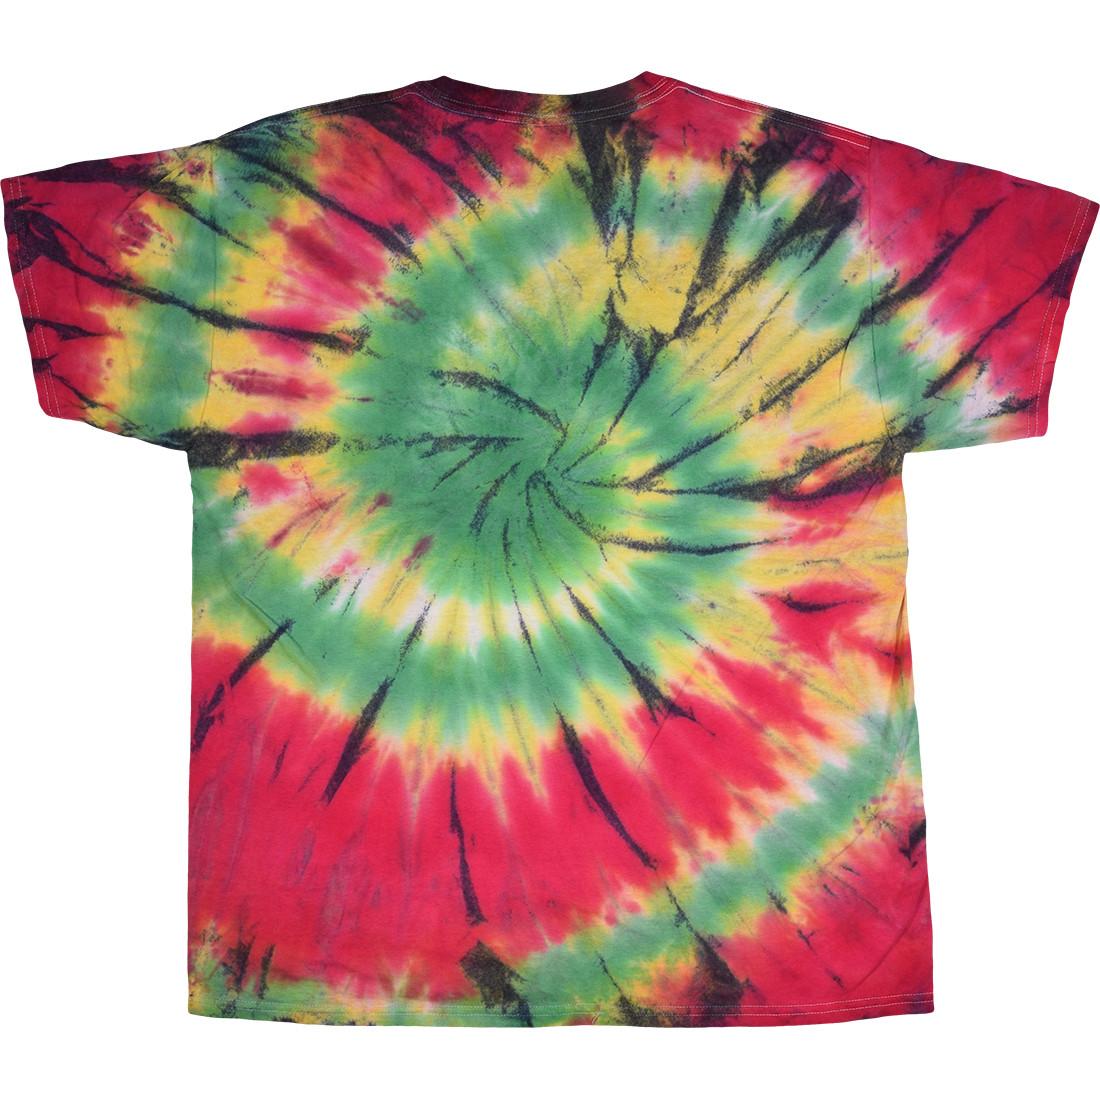 Marley '79 Spiral Tie-Dye T-Shirt